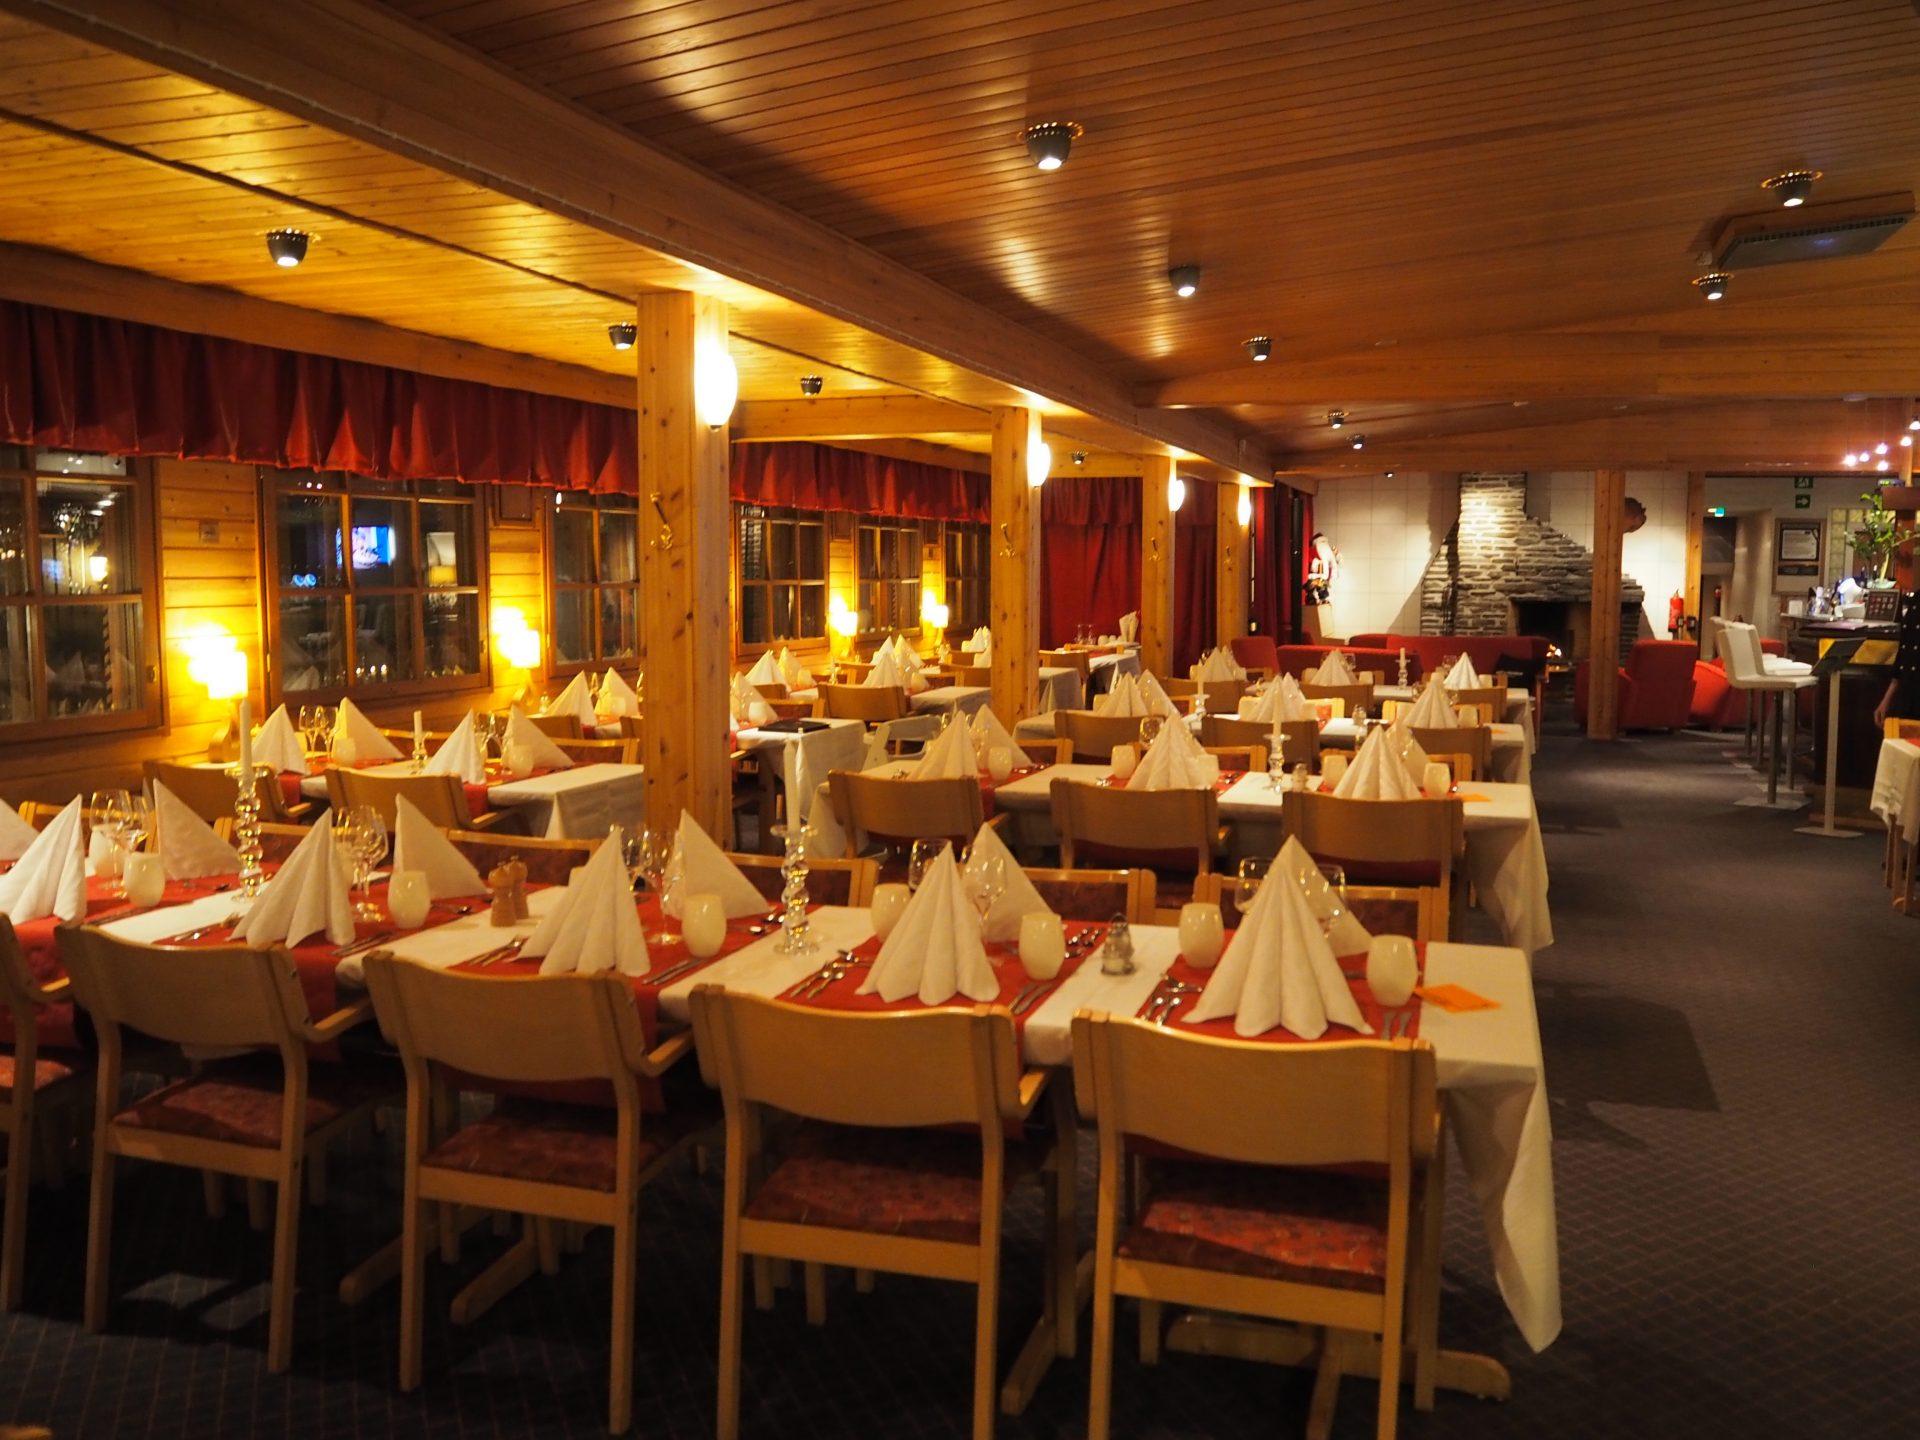 saariselka lumi ravintola lapsiystavallinen